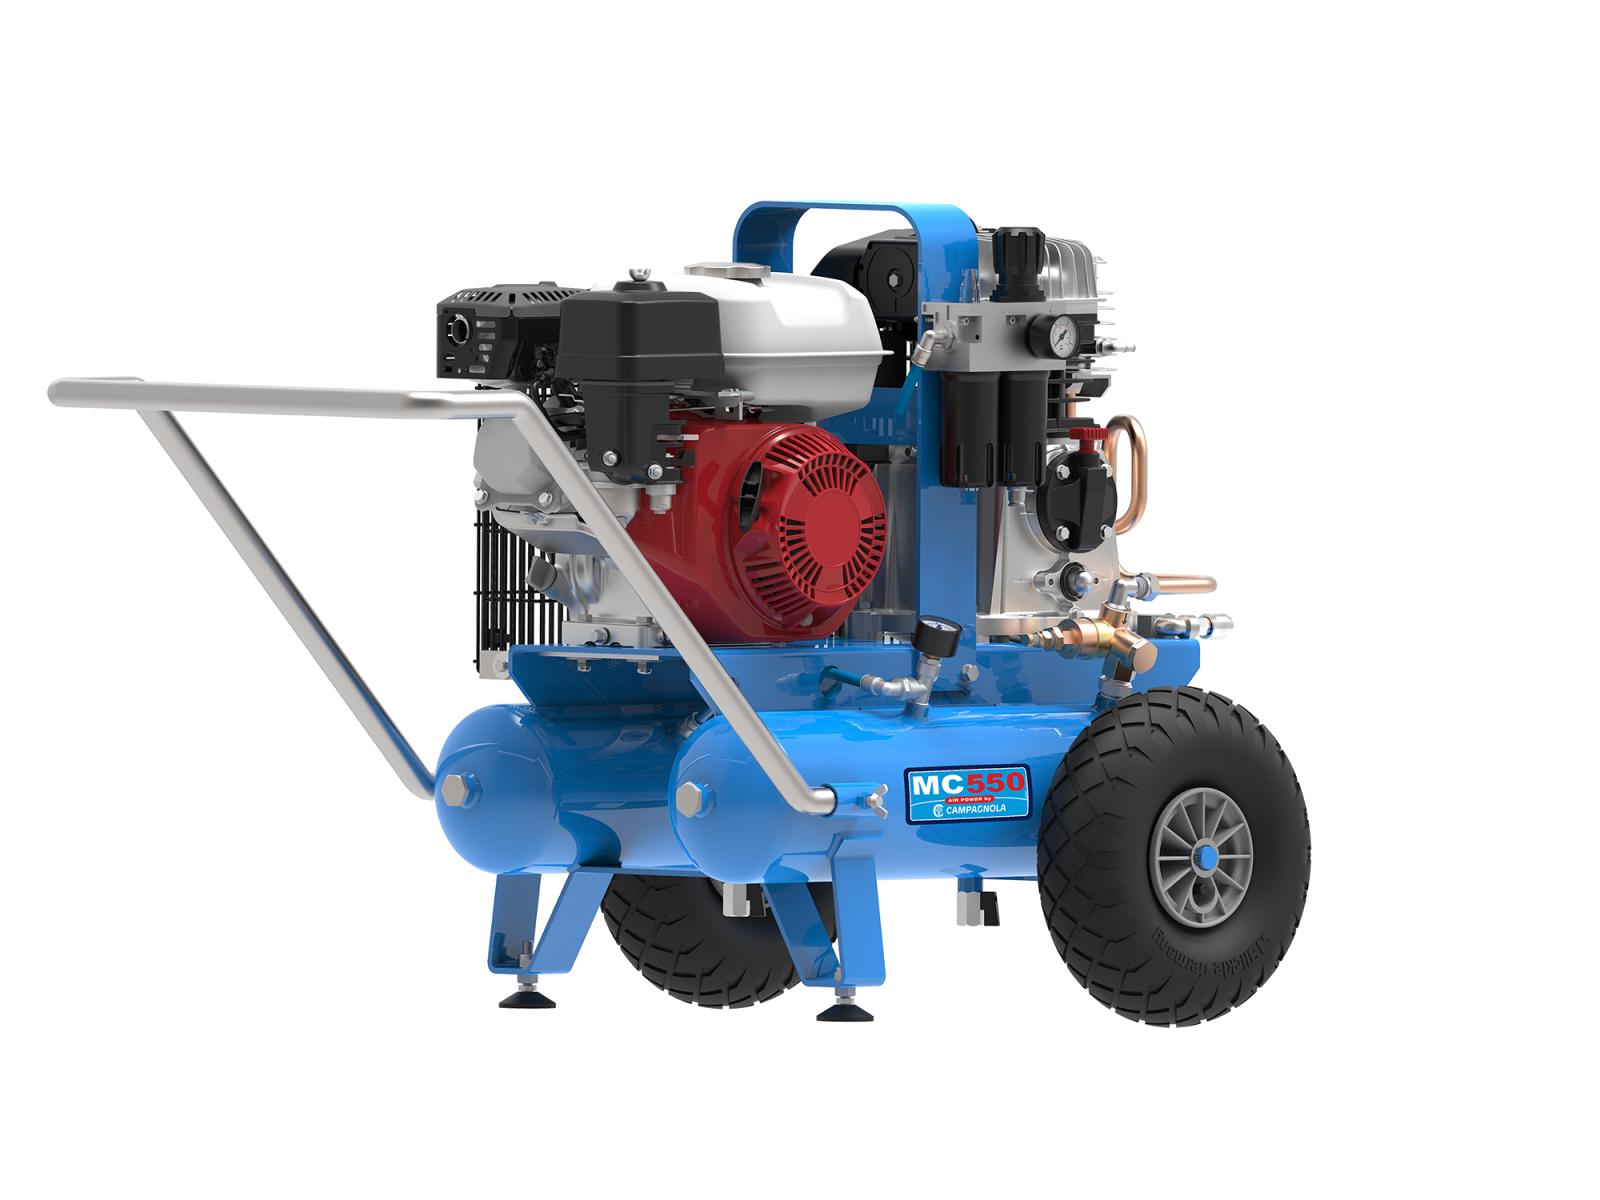 Motocompressore MC 550